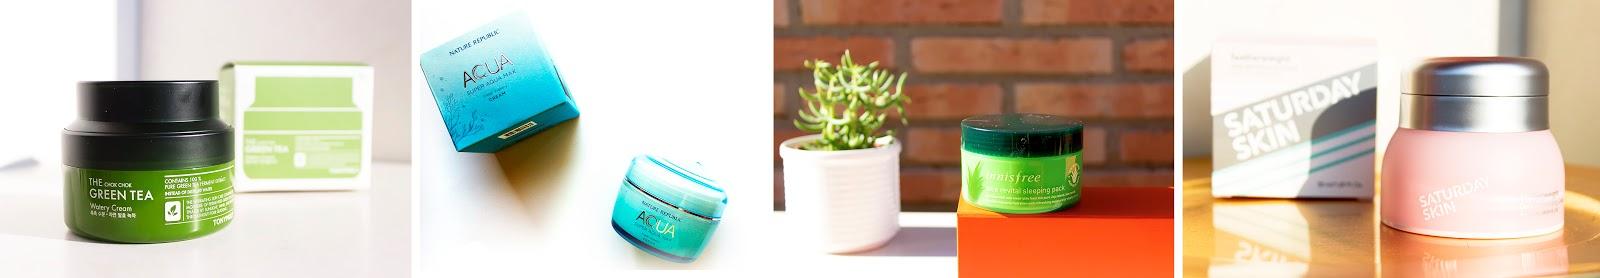 Productos hidratantes y humectantes para pieles grasas